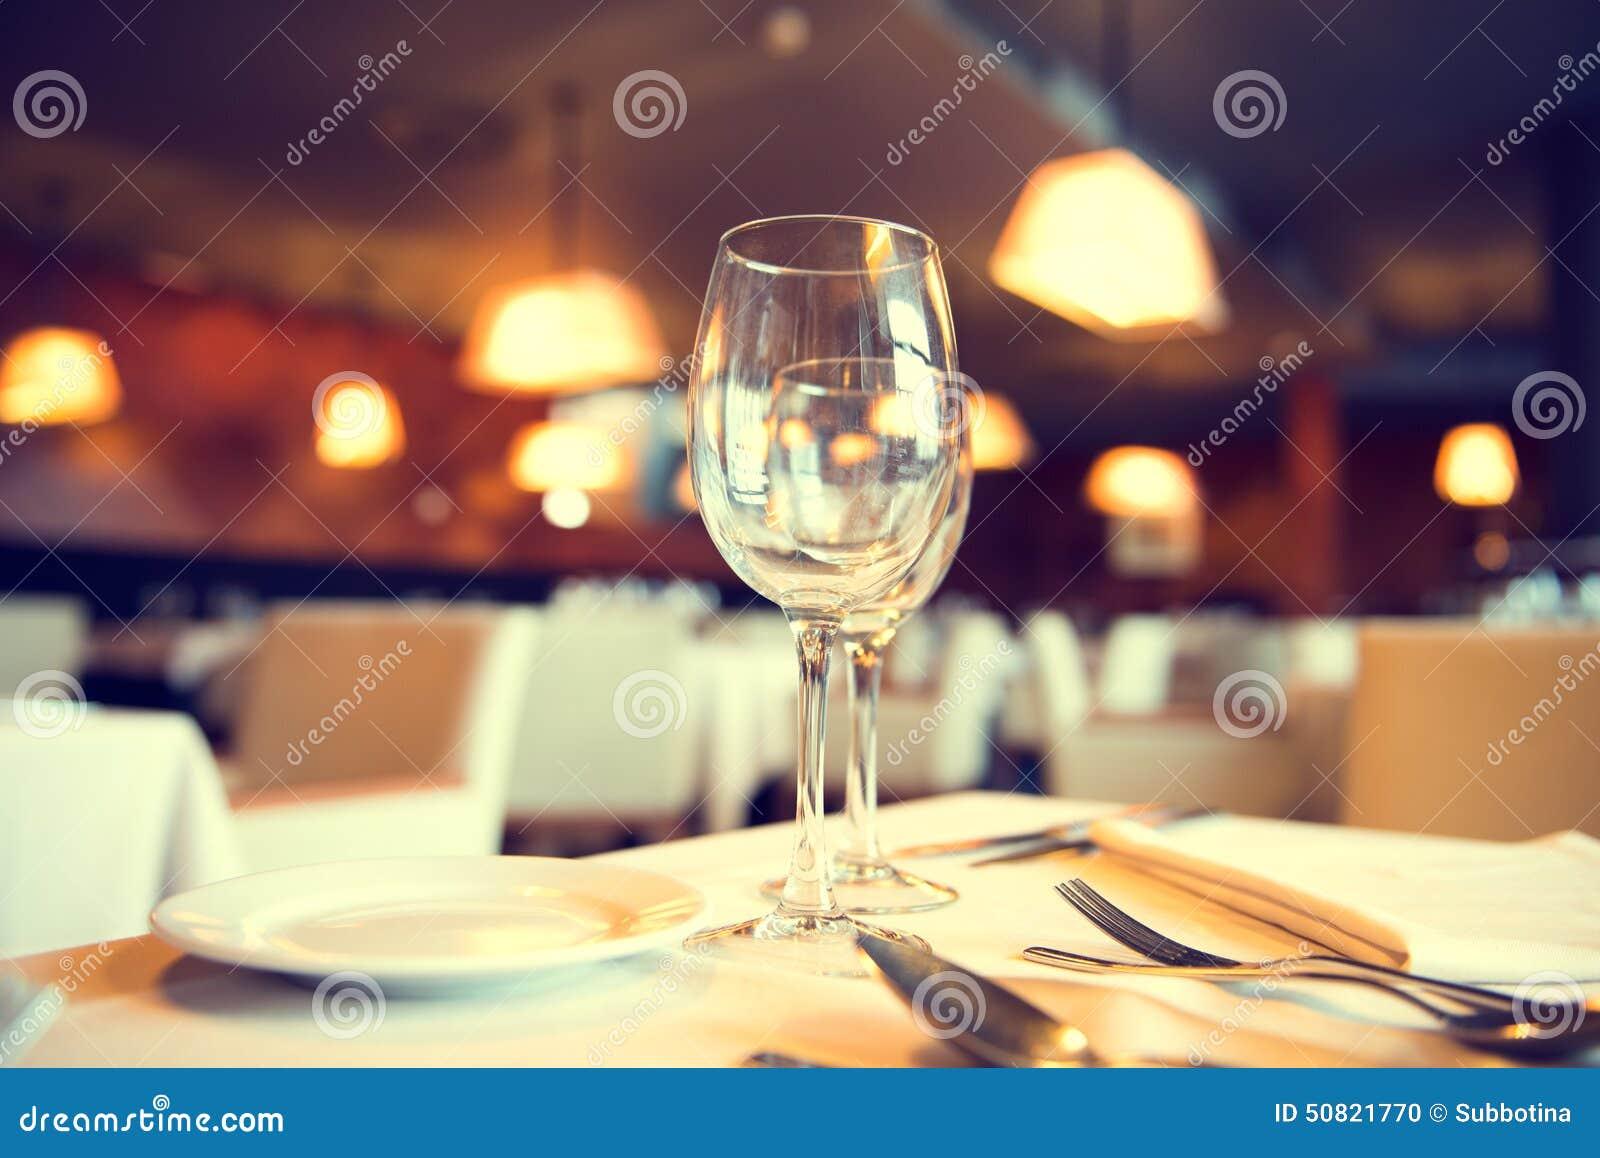 Tabla de cena servida en un restaurante